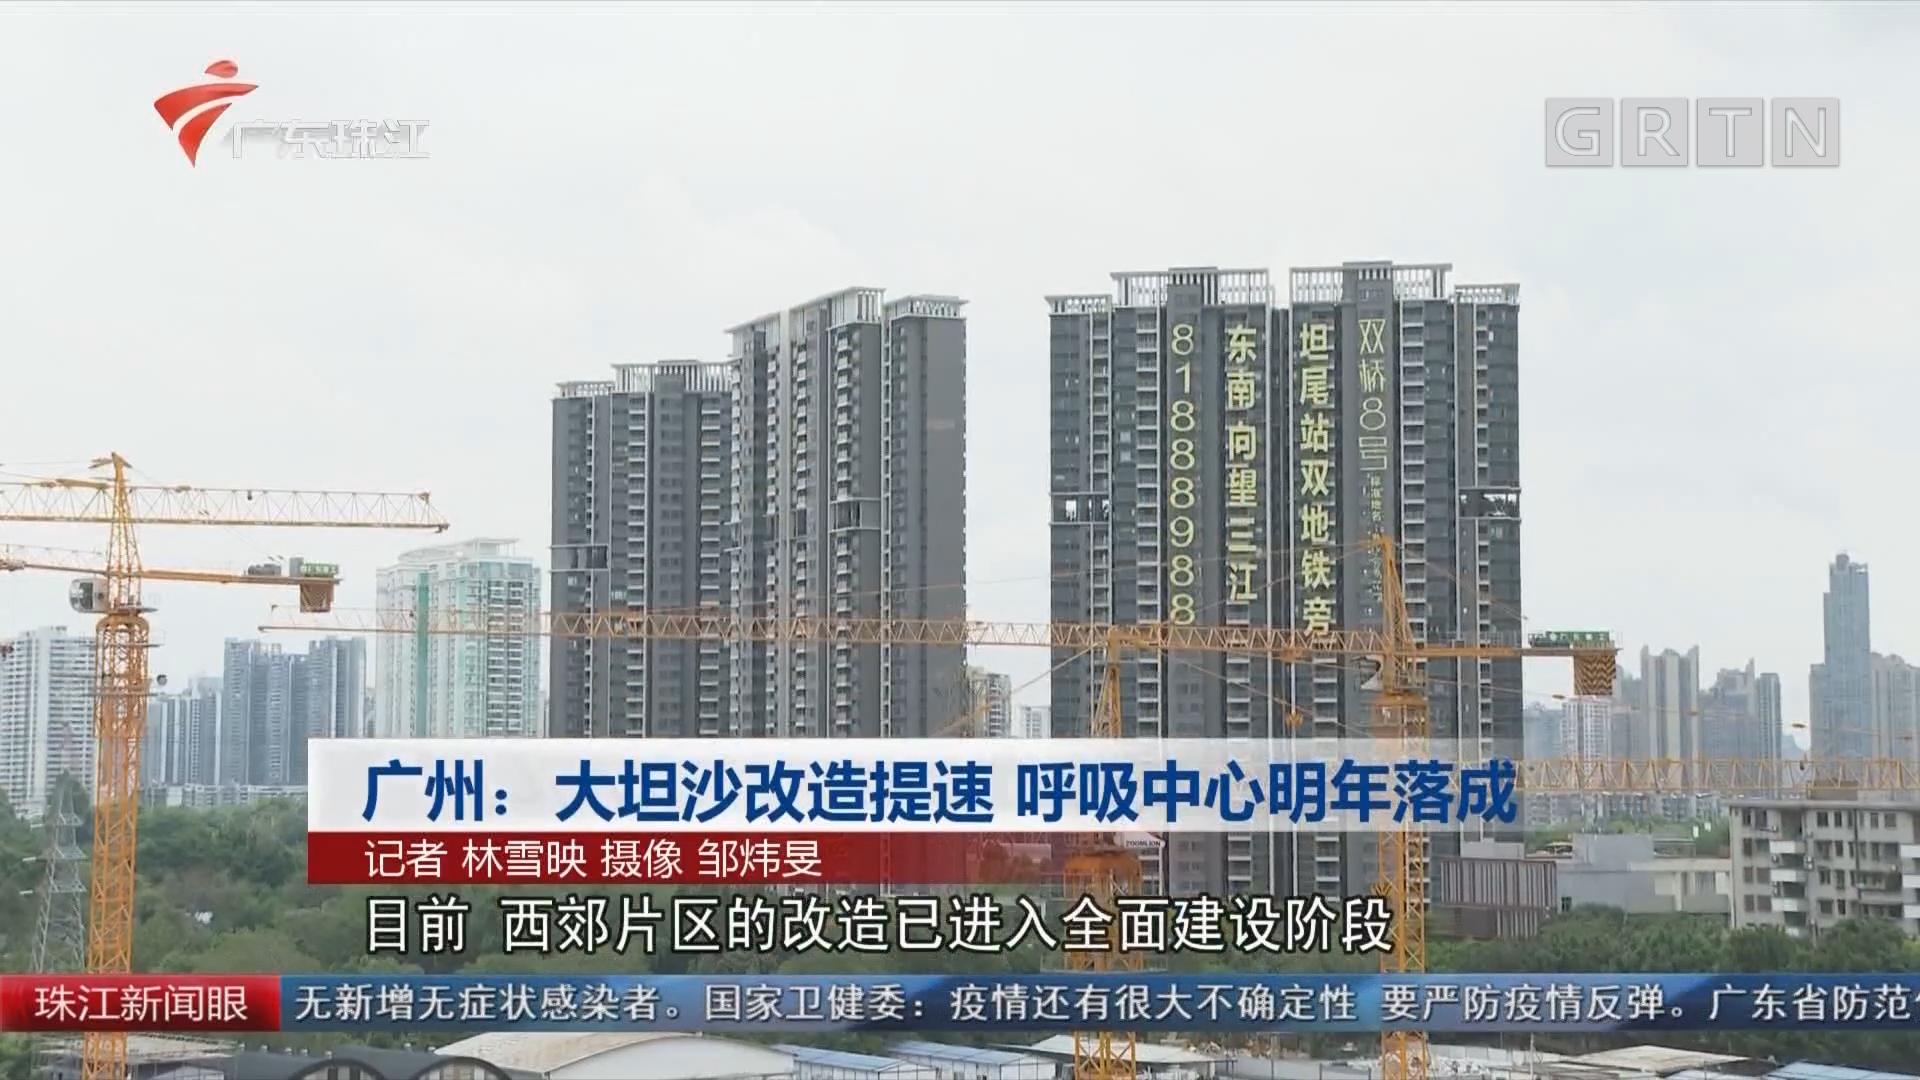 廣州:大坦沙改造提速 呼吸中心明年落成